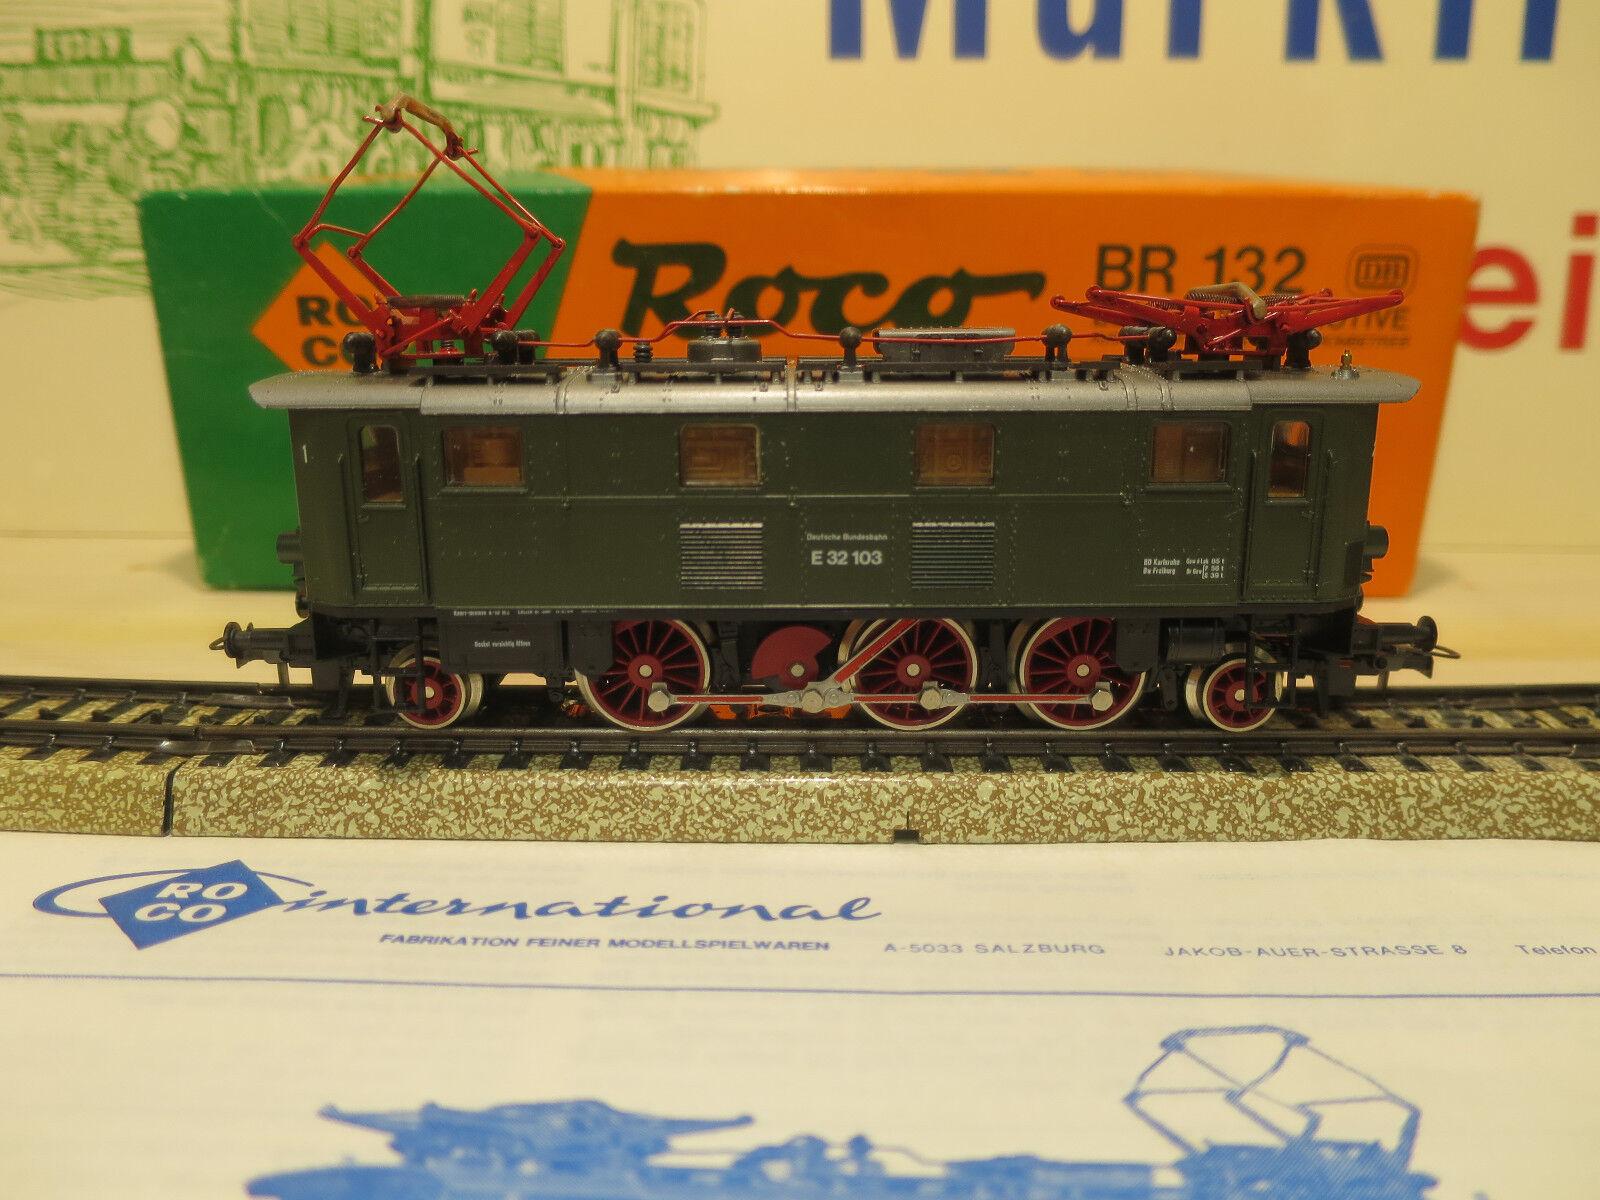 (MB) Roco para Märklin 14145 E32 103 Novedad Top operatividad emb.orig RARO